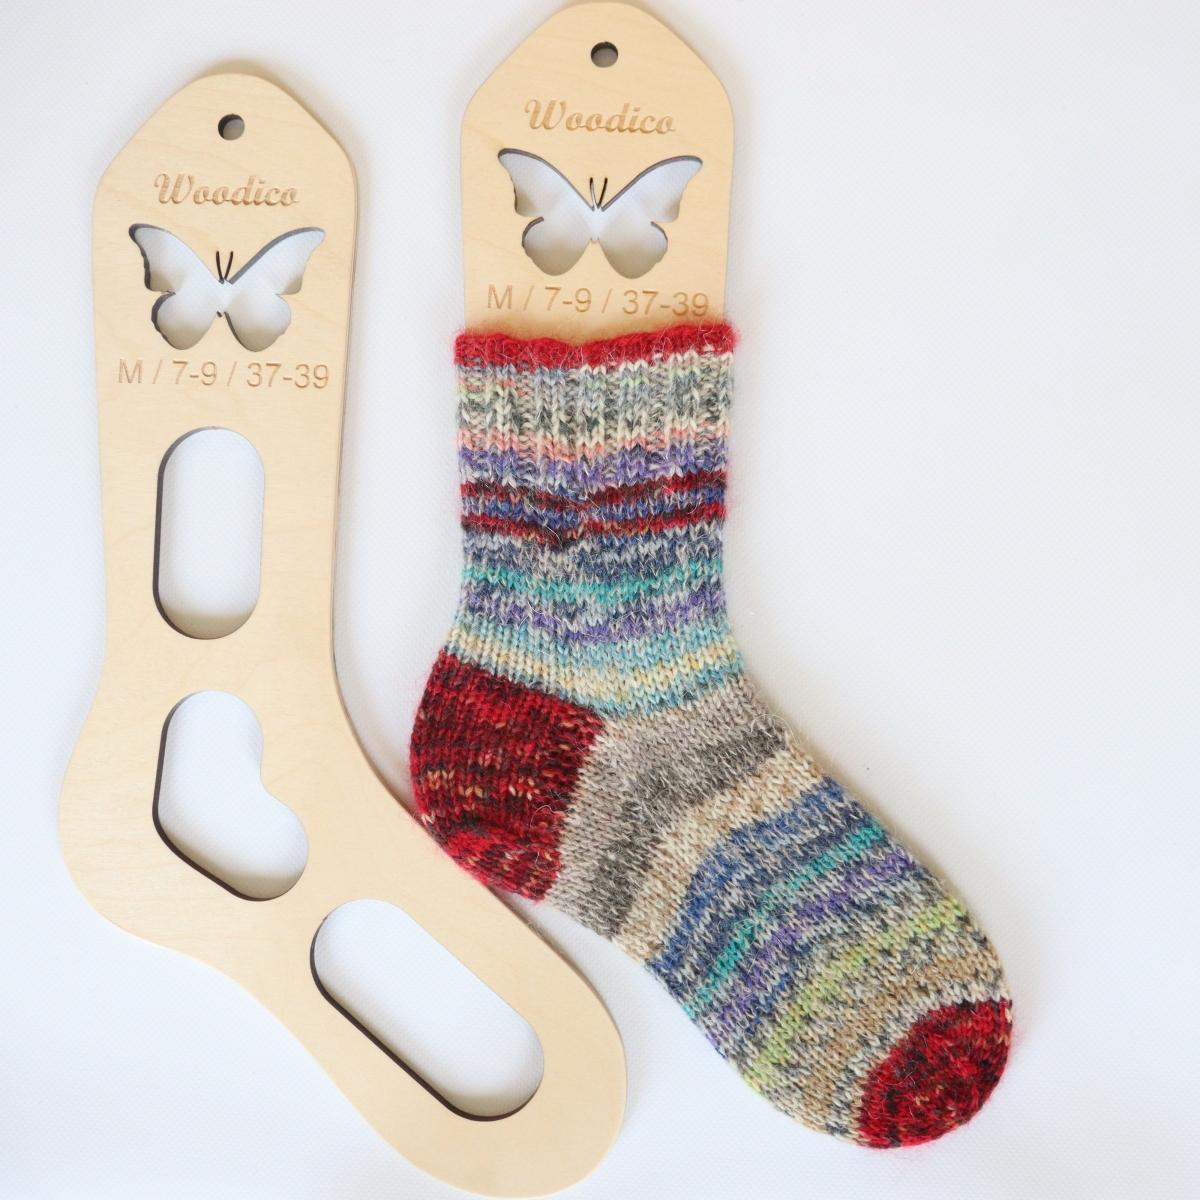 woodico.pro wooden sock blockers butterfly 12 1200x1200 - Wooden sock blockers / Butterfly